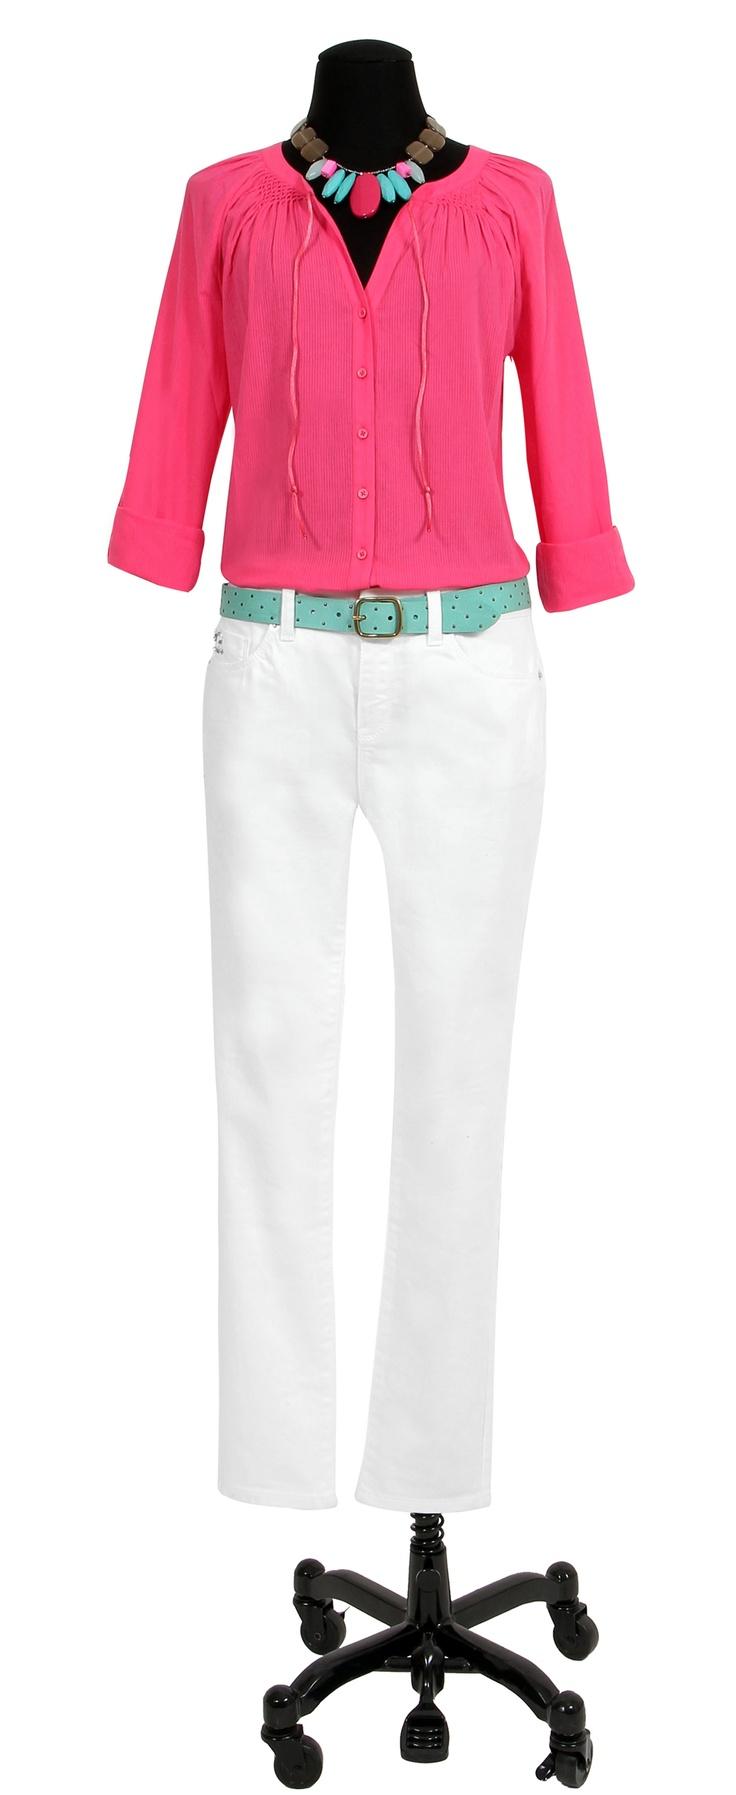 1.2.3 Paris - Blouse Lena 59€ Pantalon Dona 89€ Ceinture Olba 39€ Collier Zoé 49€ #turquoise #rose #blanc #fuchsia #fluo #bleu #mode #ete #123